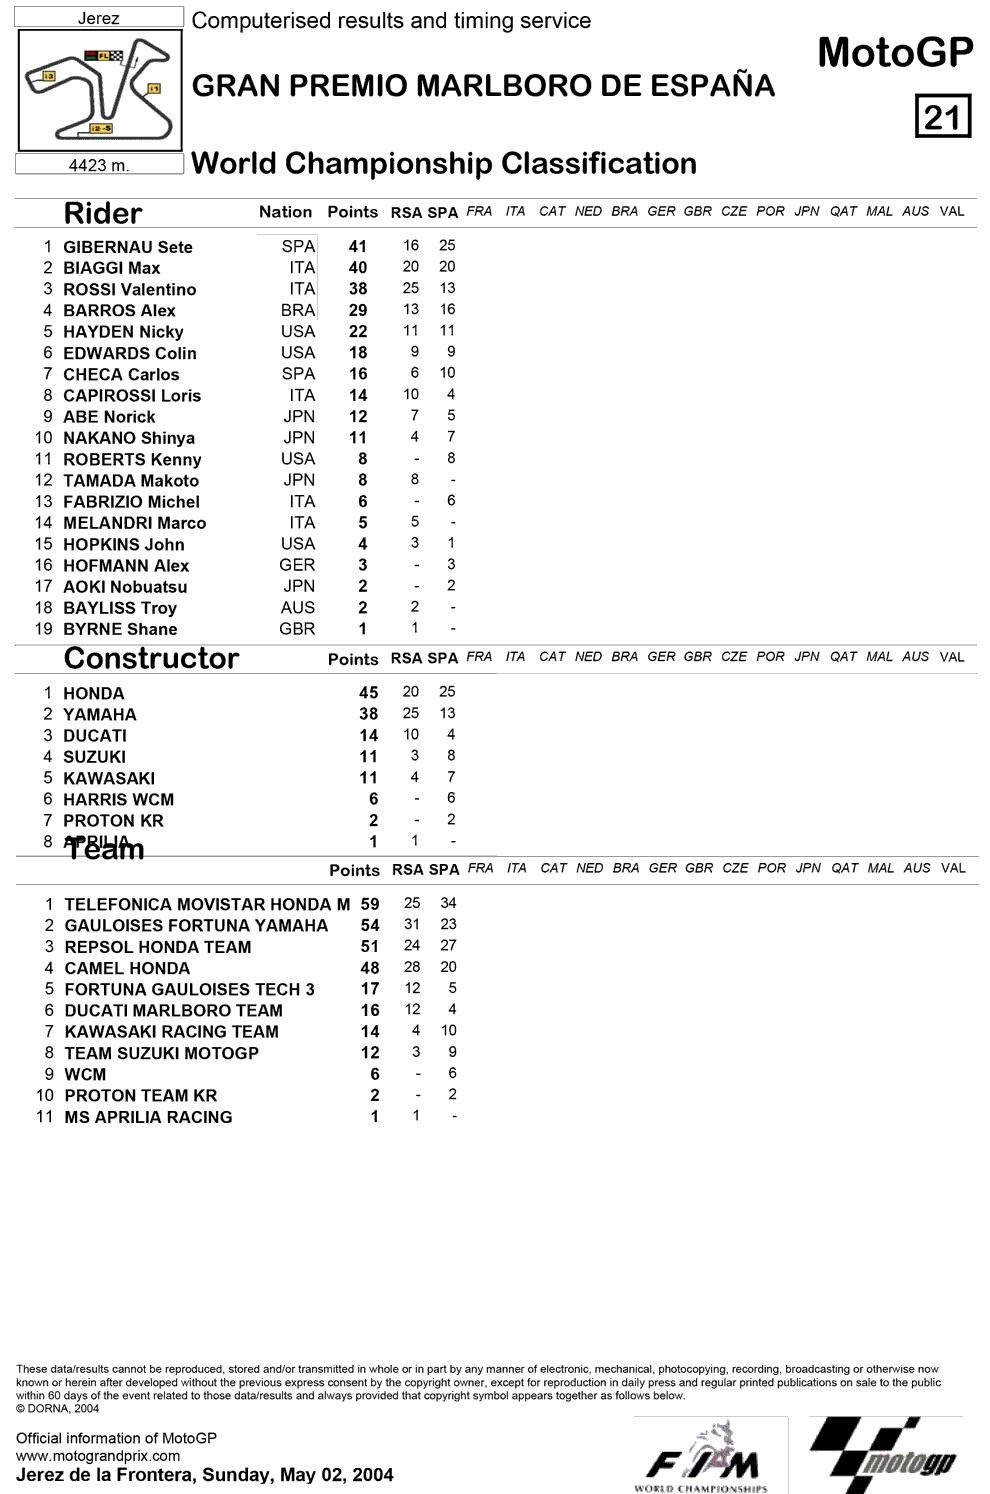 Позиции в чемпионате после второй гонки MotoGP Гран-При Испании 2004